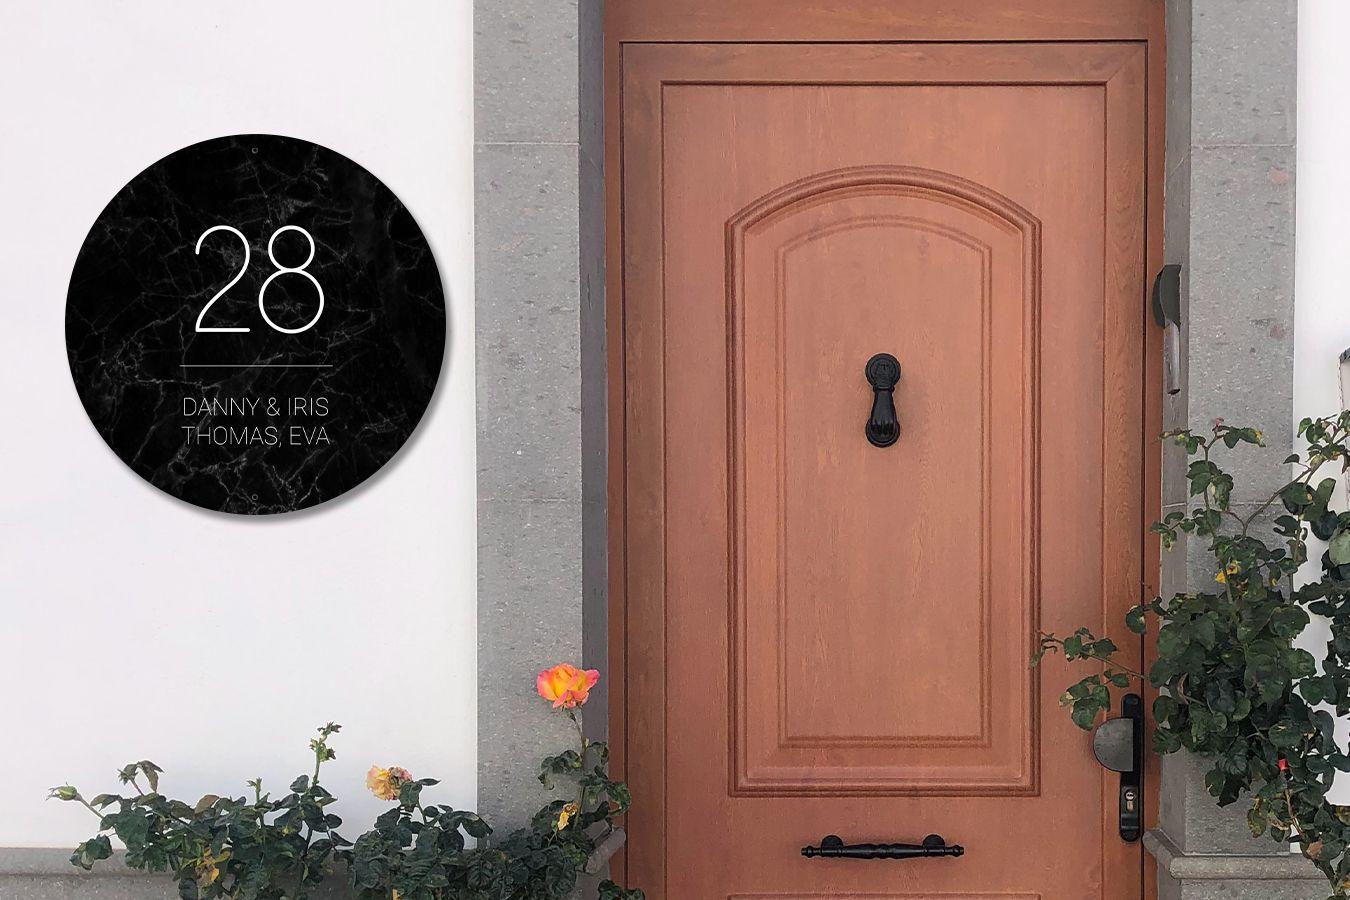 72% Rabatt auf personalisierte Aluminium Hausnummernschilder in verschiedenen Formen/Formaten